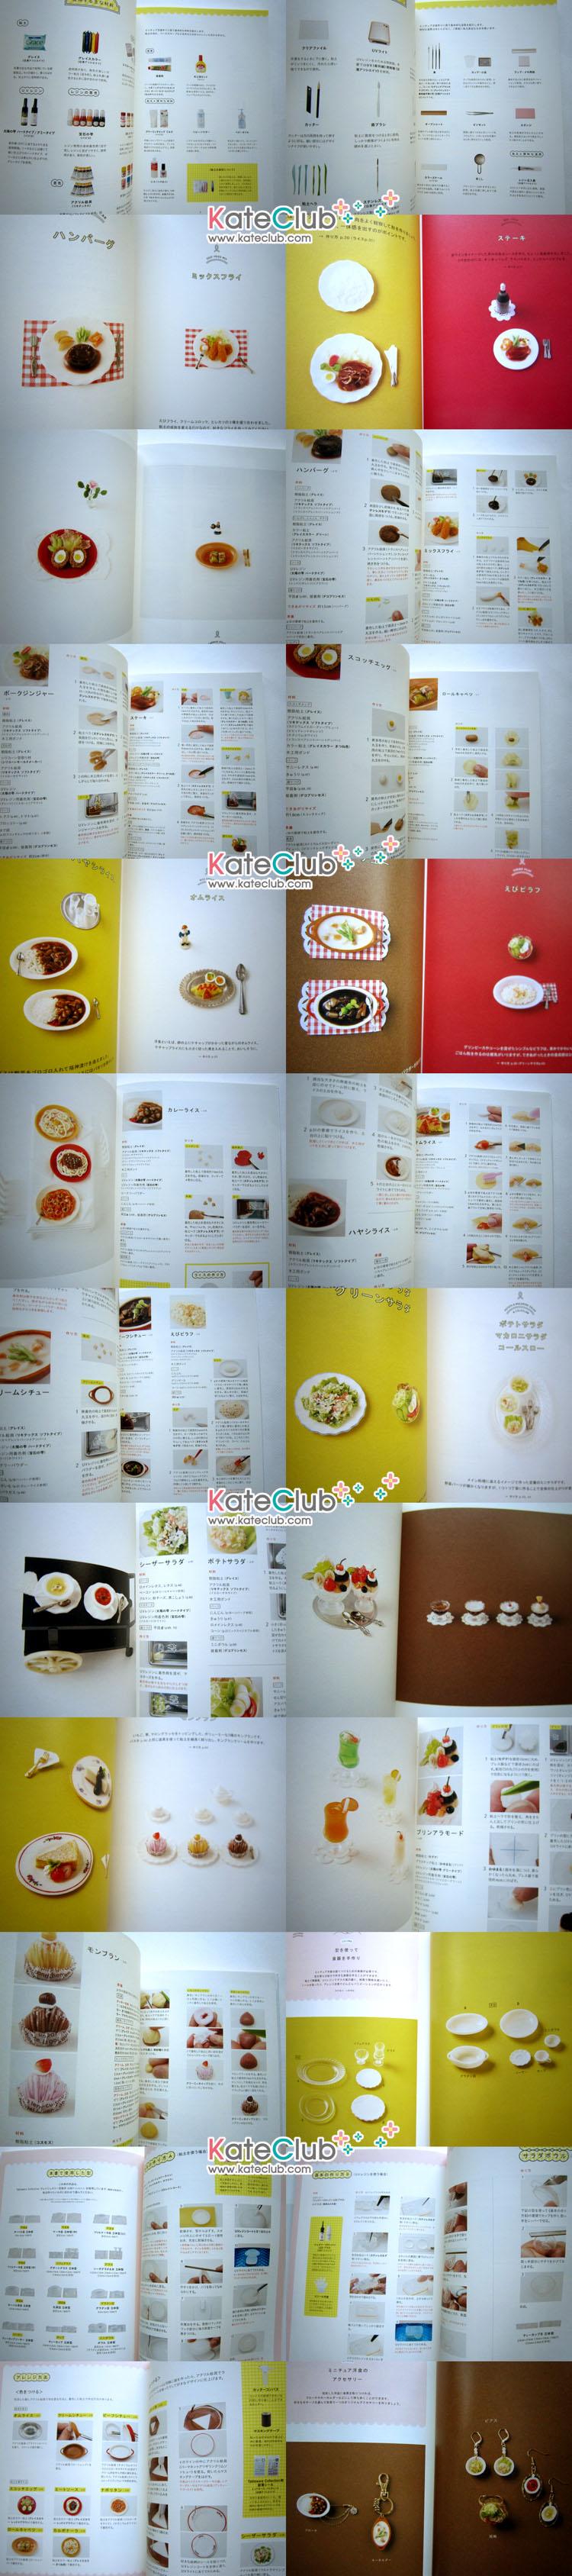 หนังสือสอนทำอาหารจิ๋ว Miniature Foods